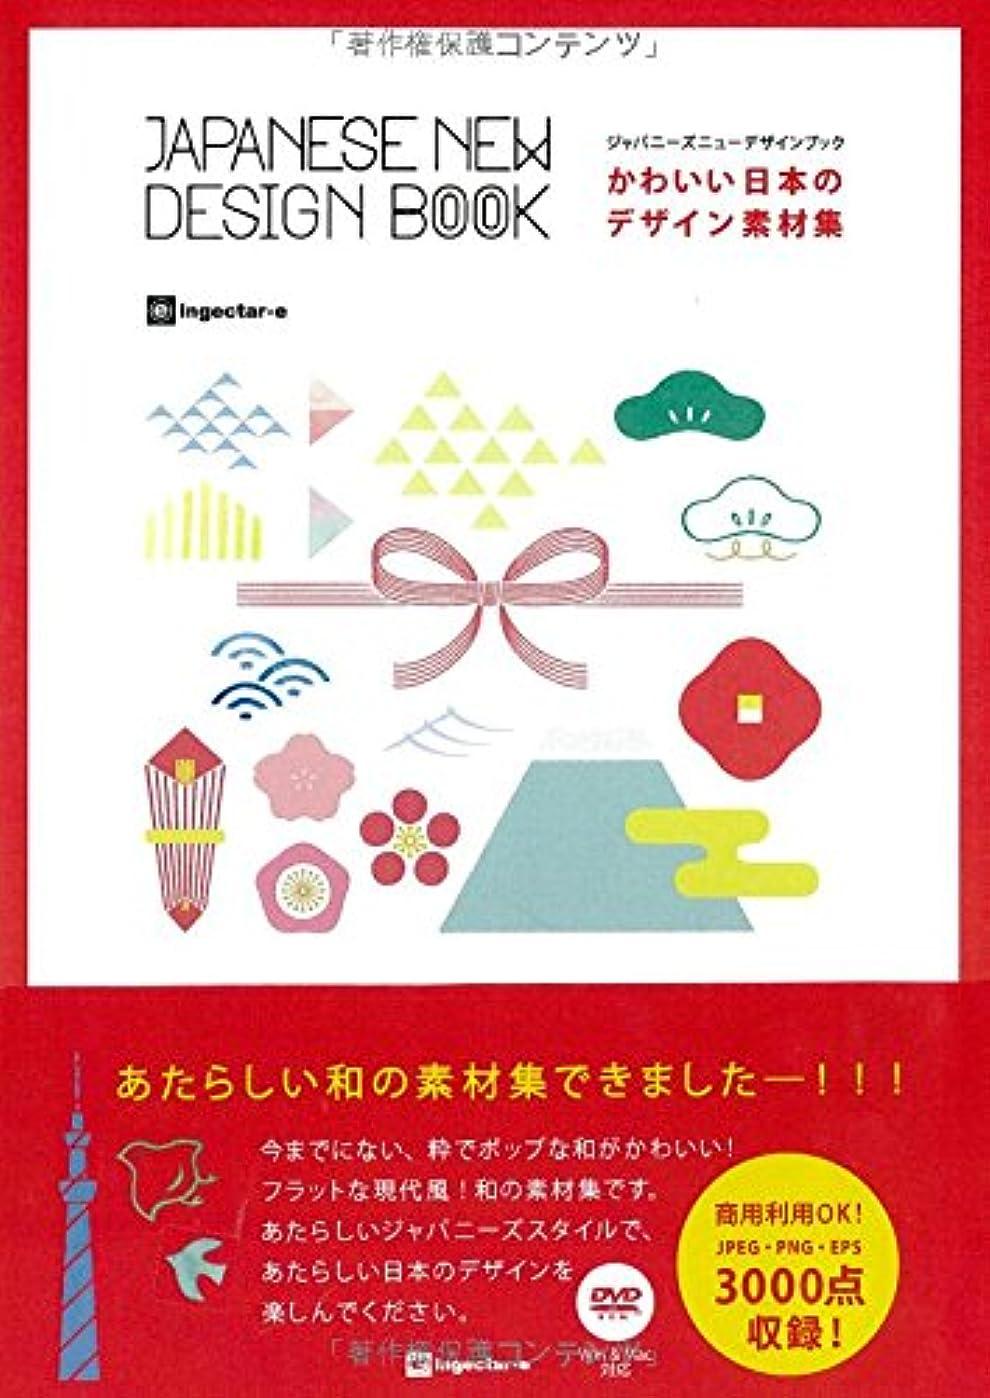 橋摘む気球かわいい日本のデザイン素材集 ジャパニーズニューデザインブック